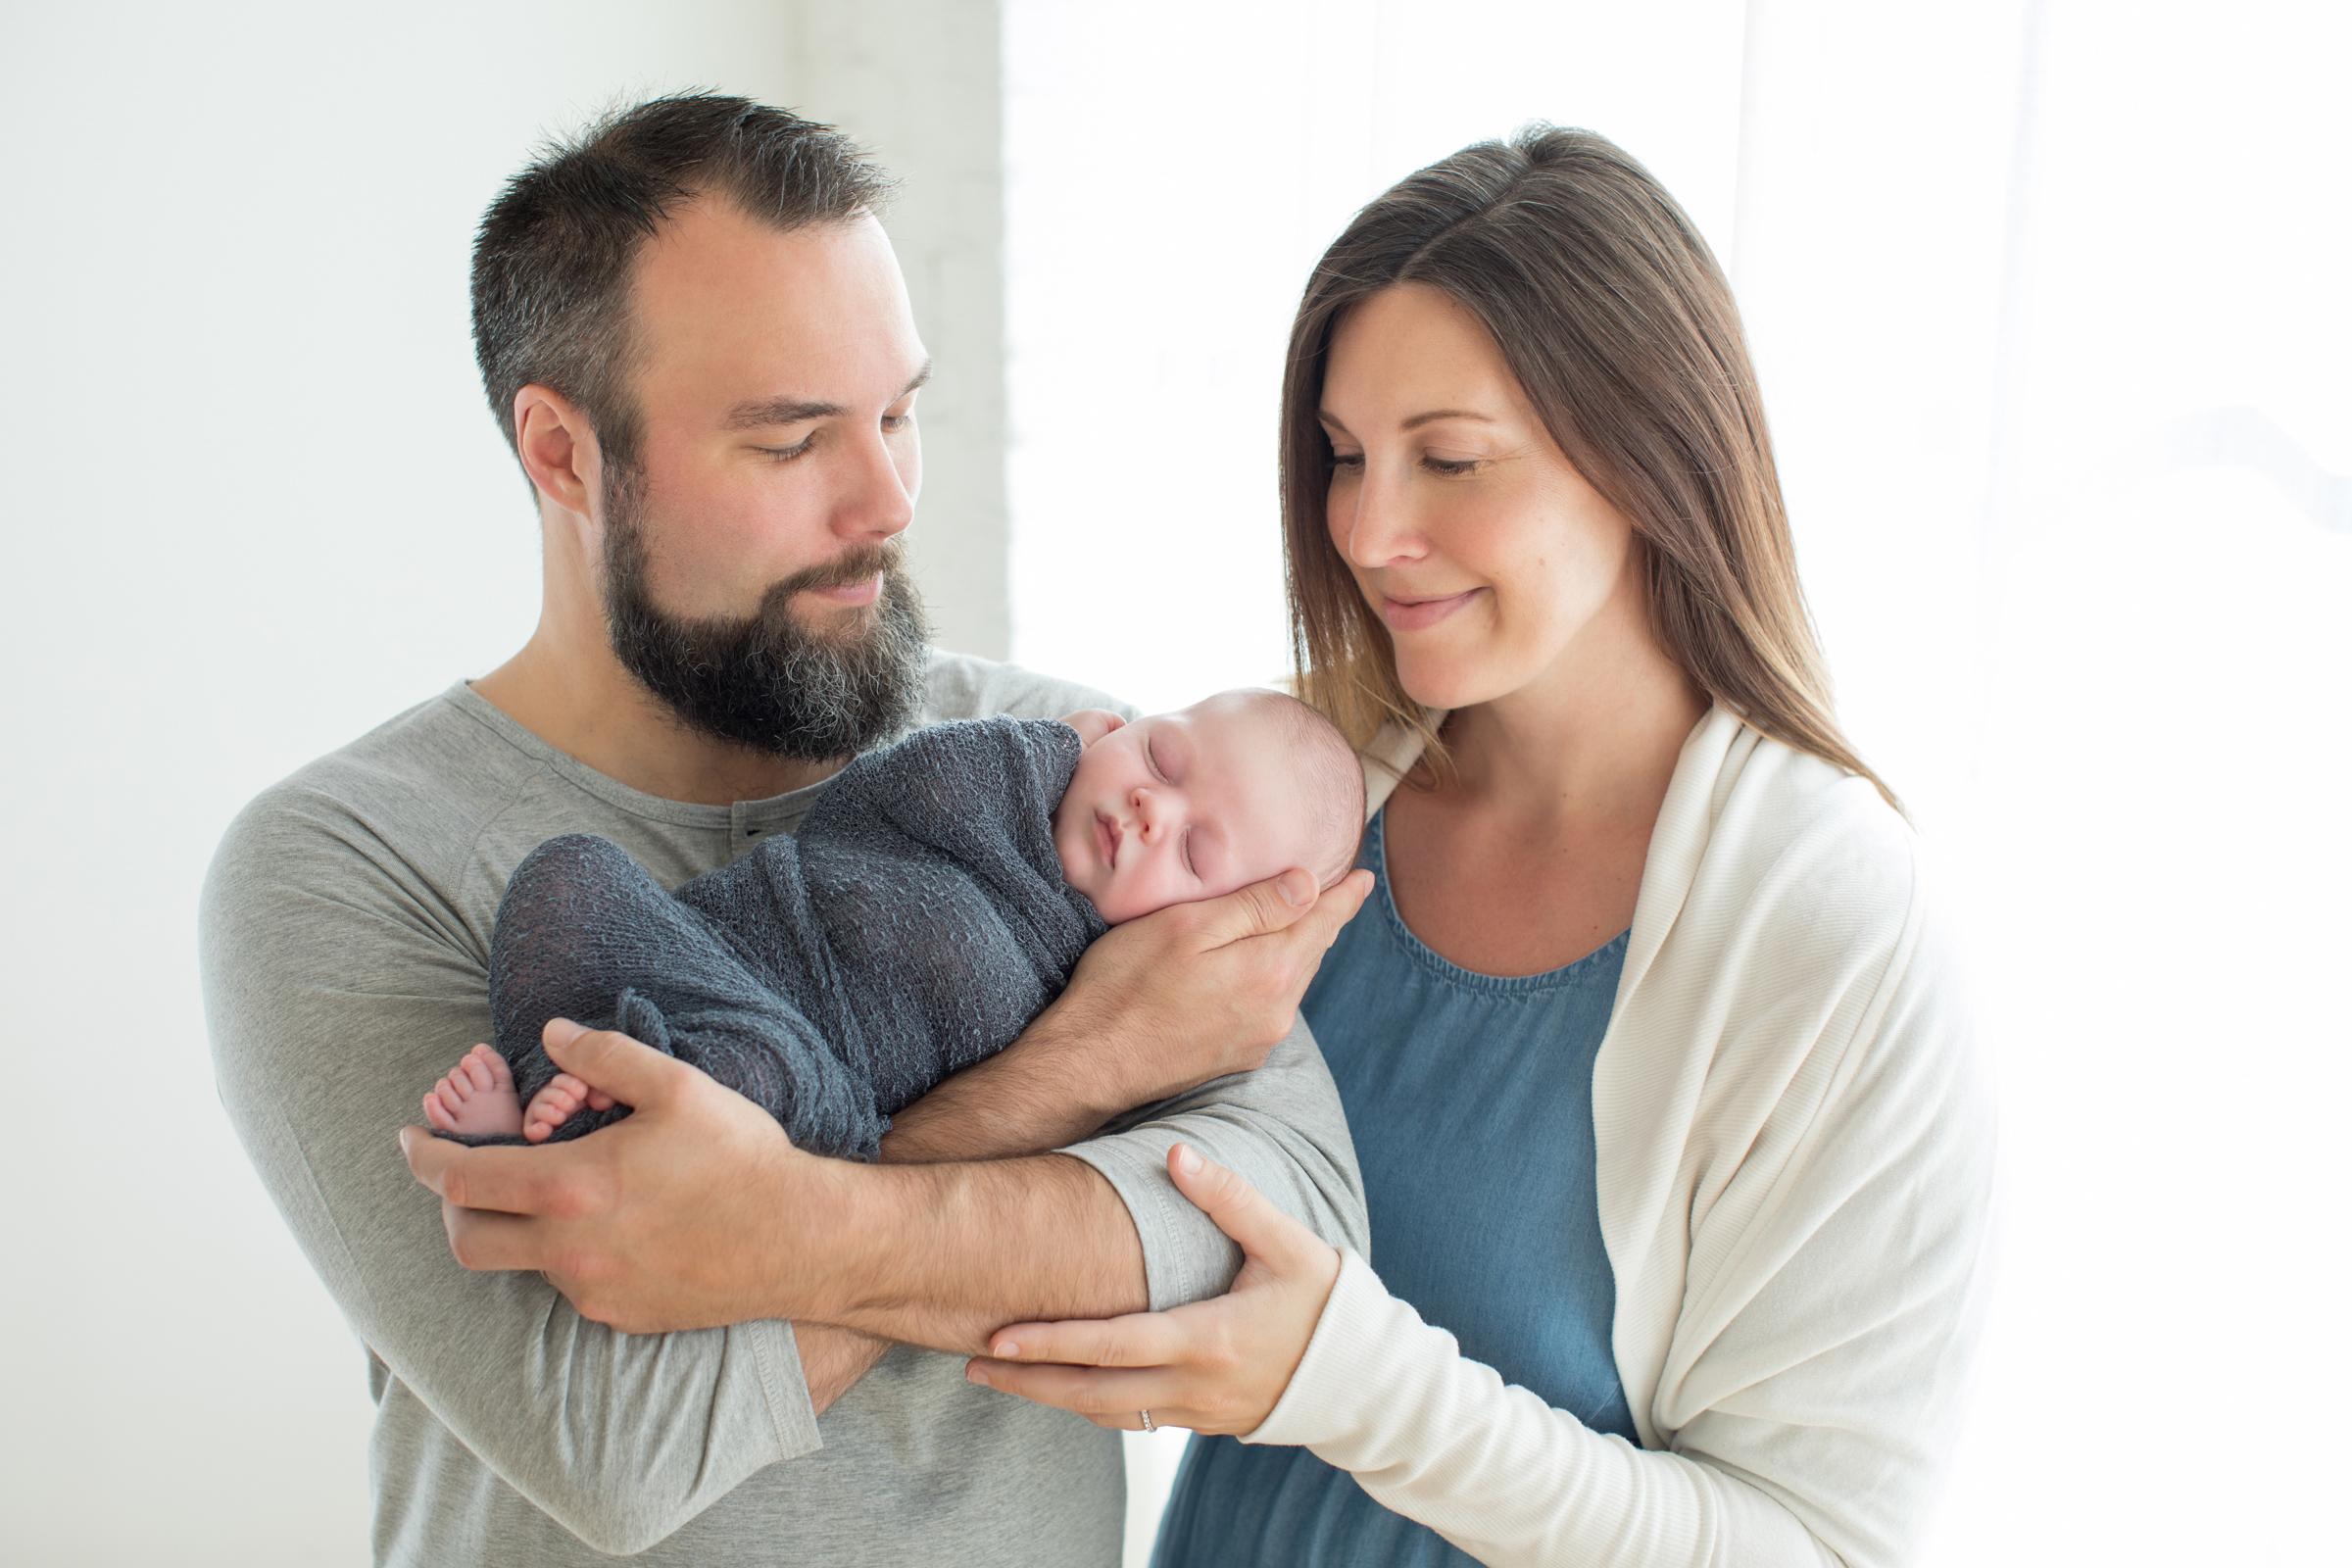 Mom_Dad_Newborn.jpg